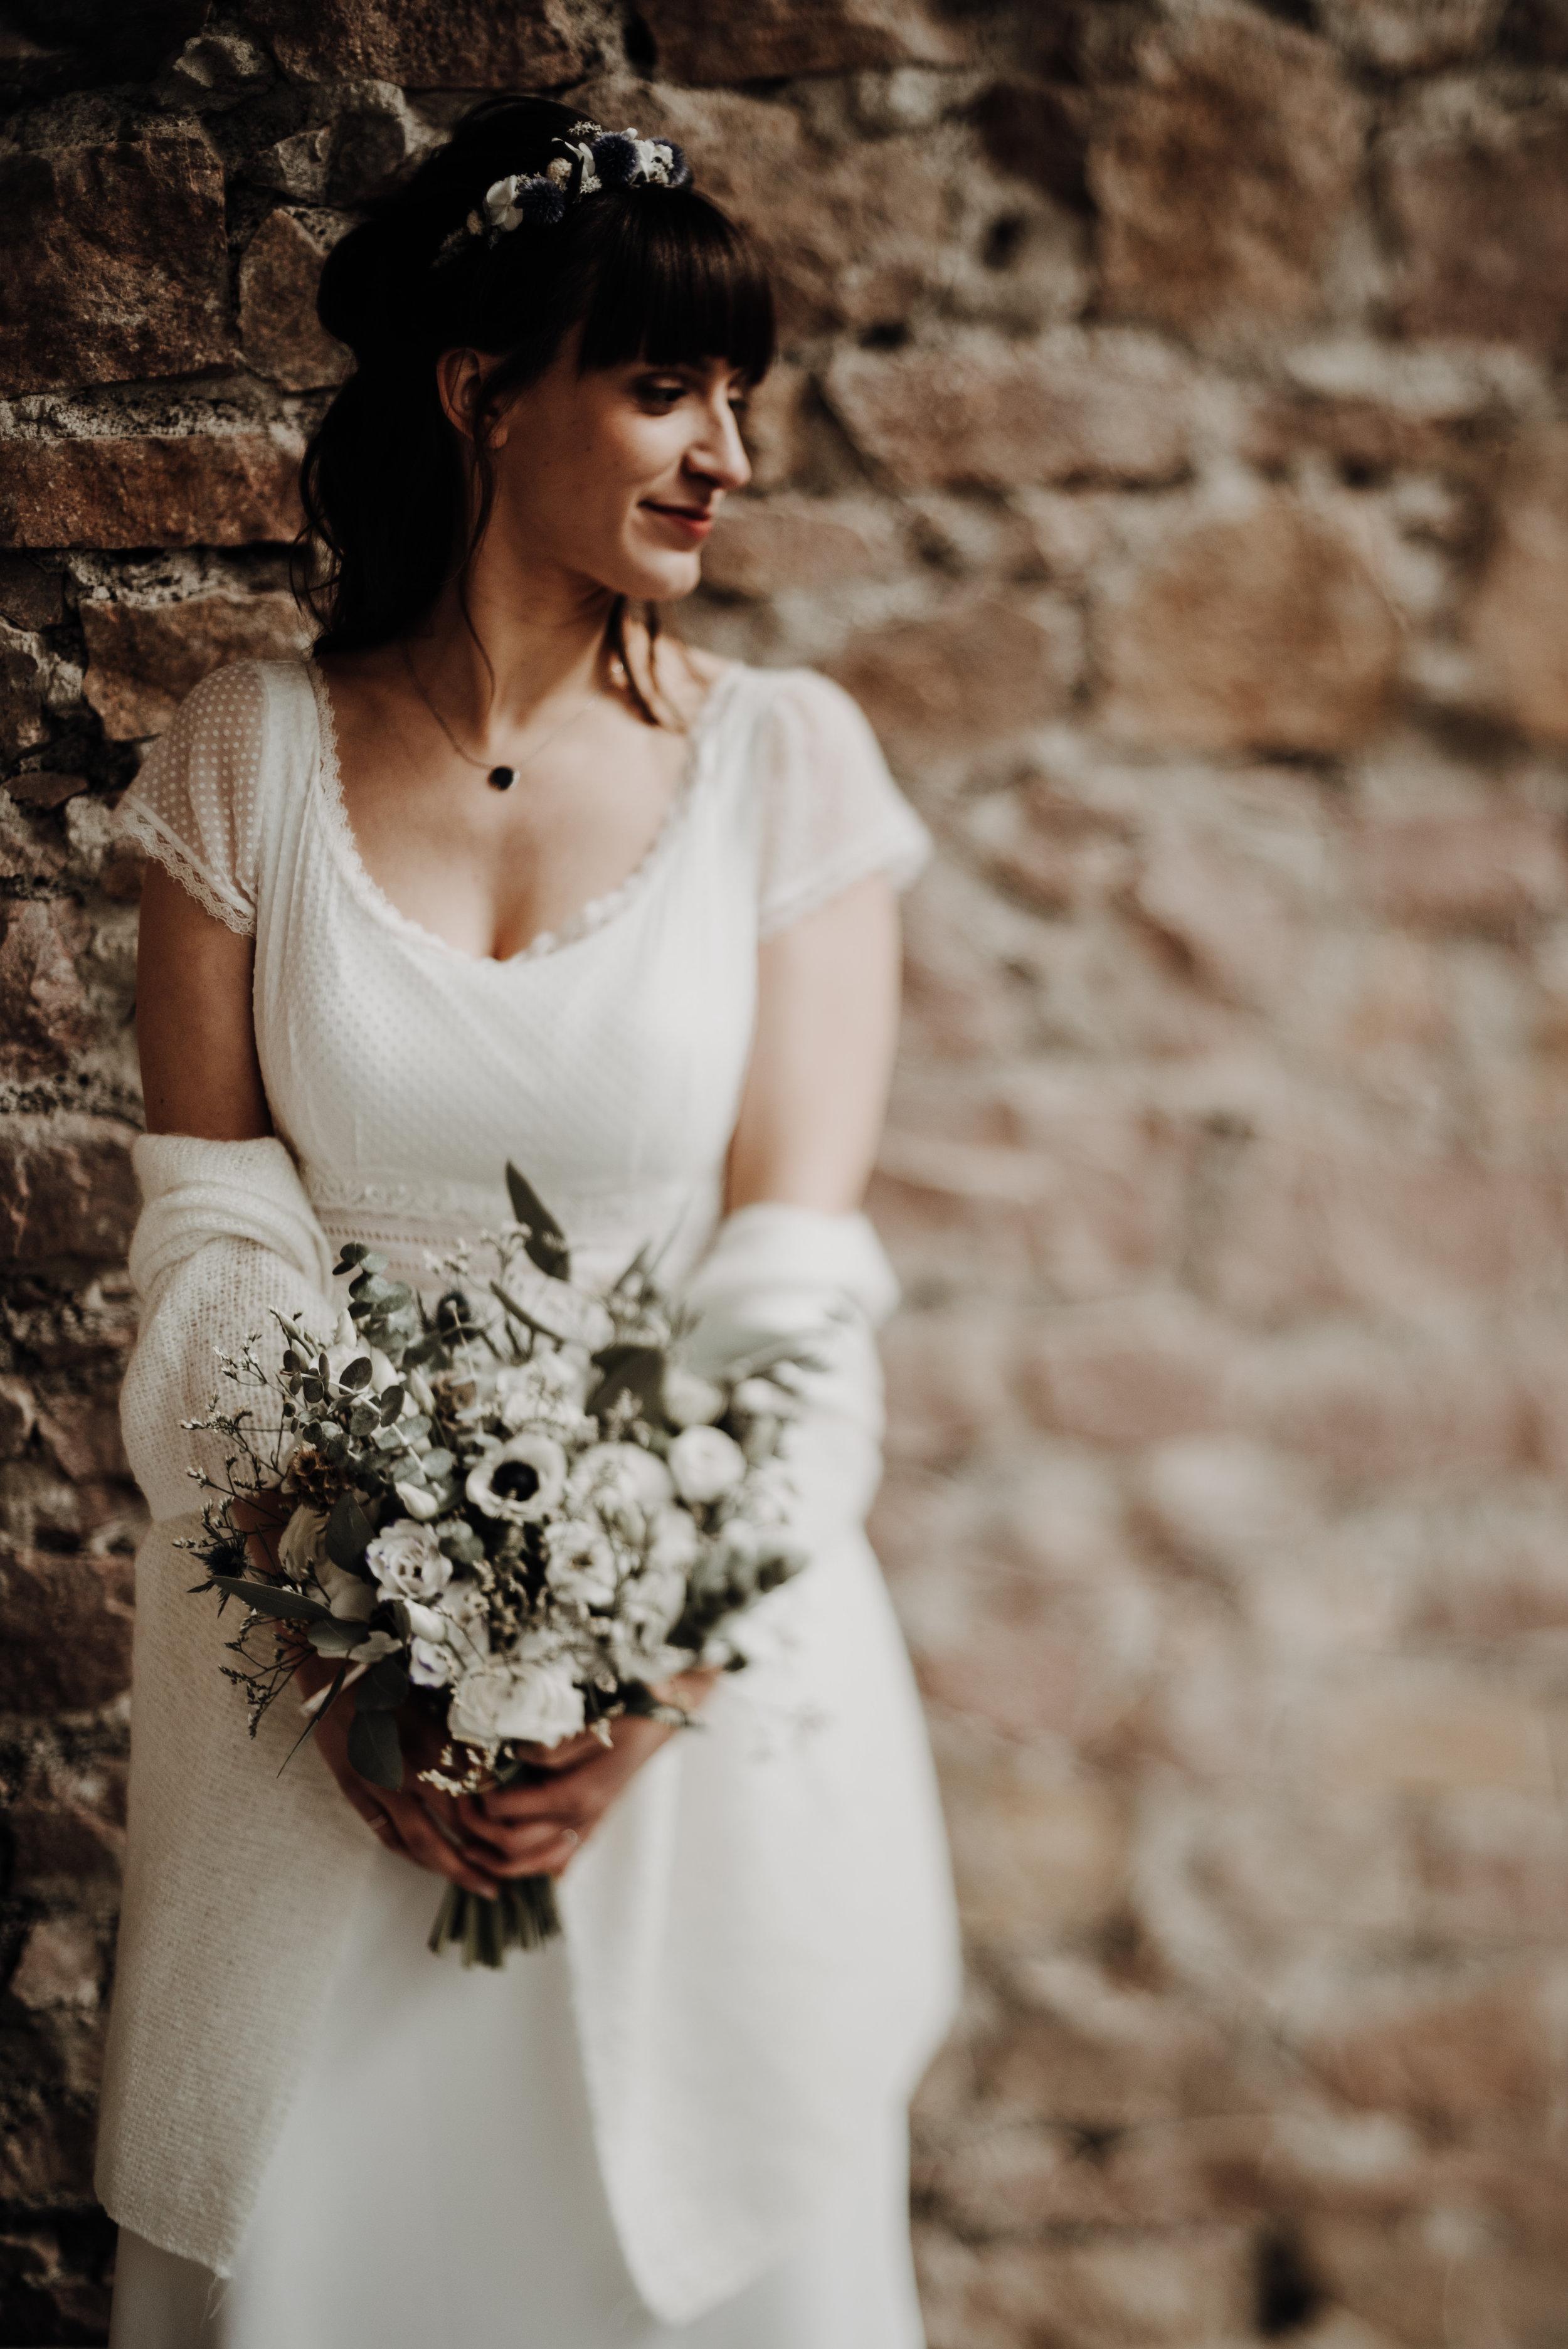 Léa-Fery-photographe-professionnel-lyon-rhone-alpes-portrait-creation-mariage-evenement-evenementiel-famille-1750.jpg